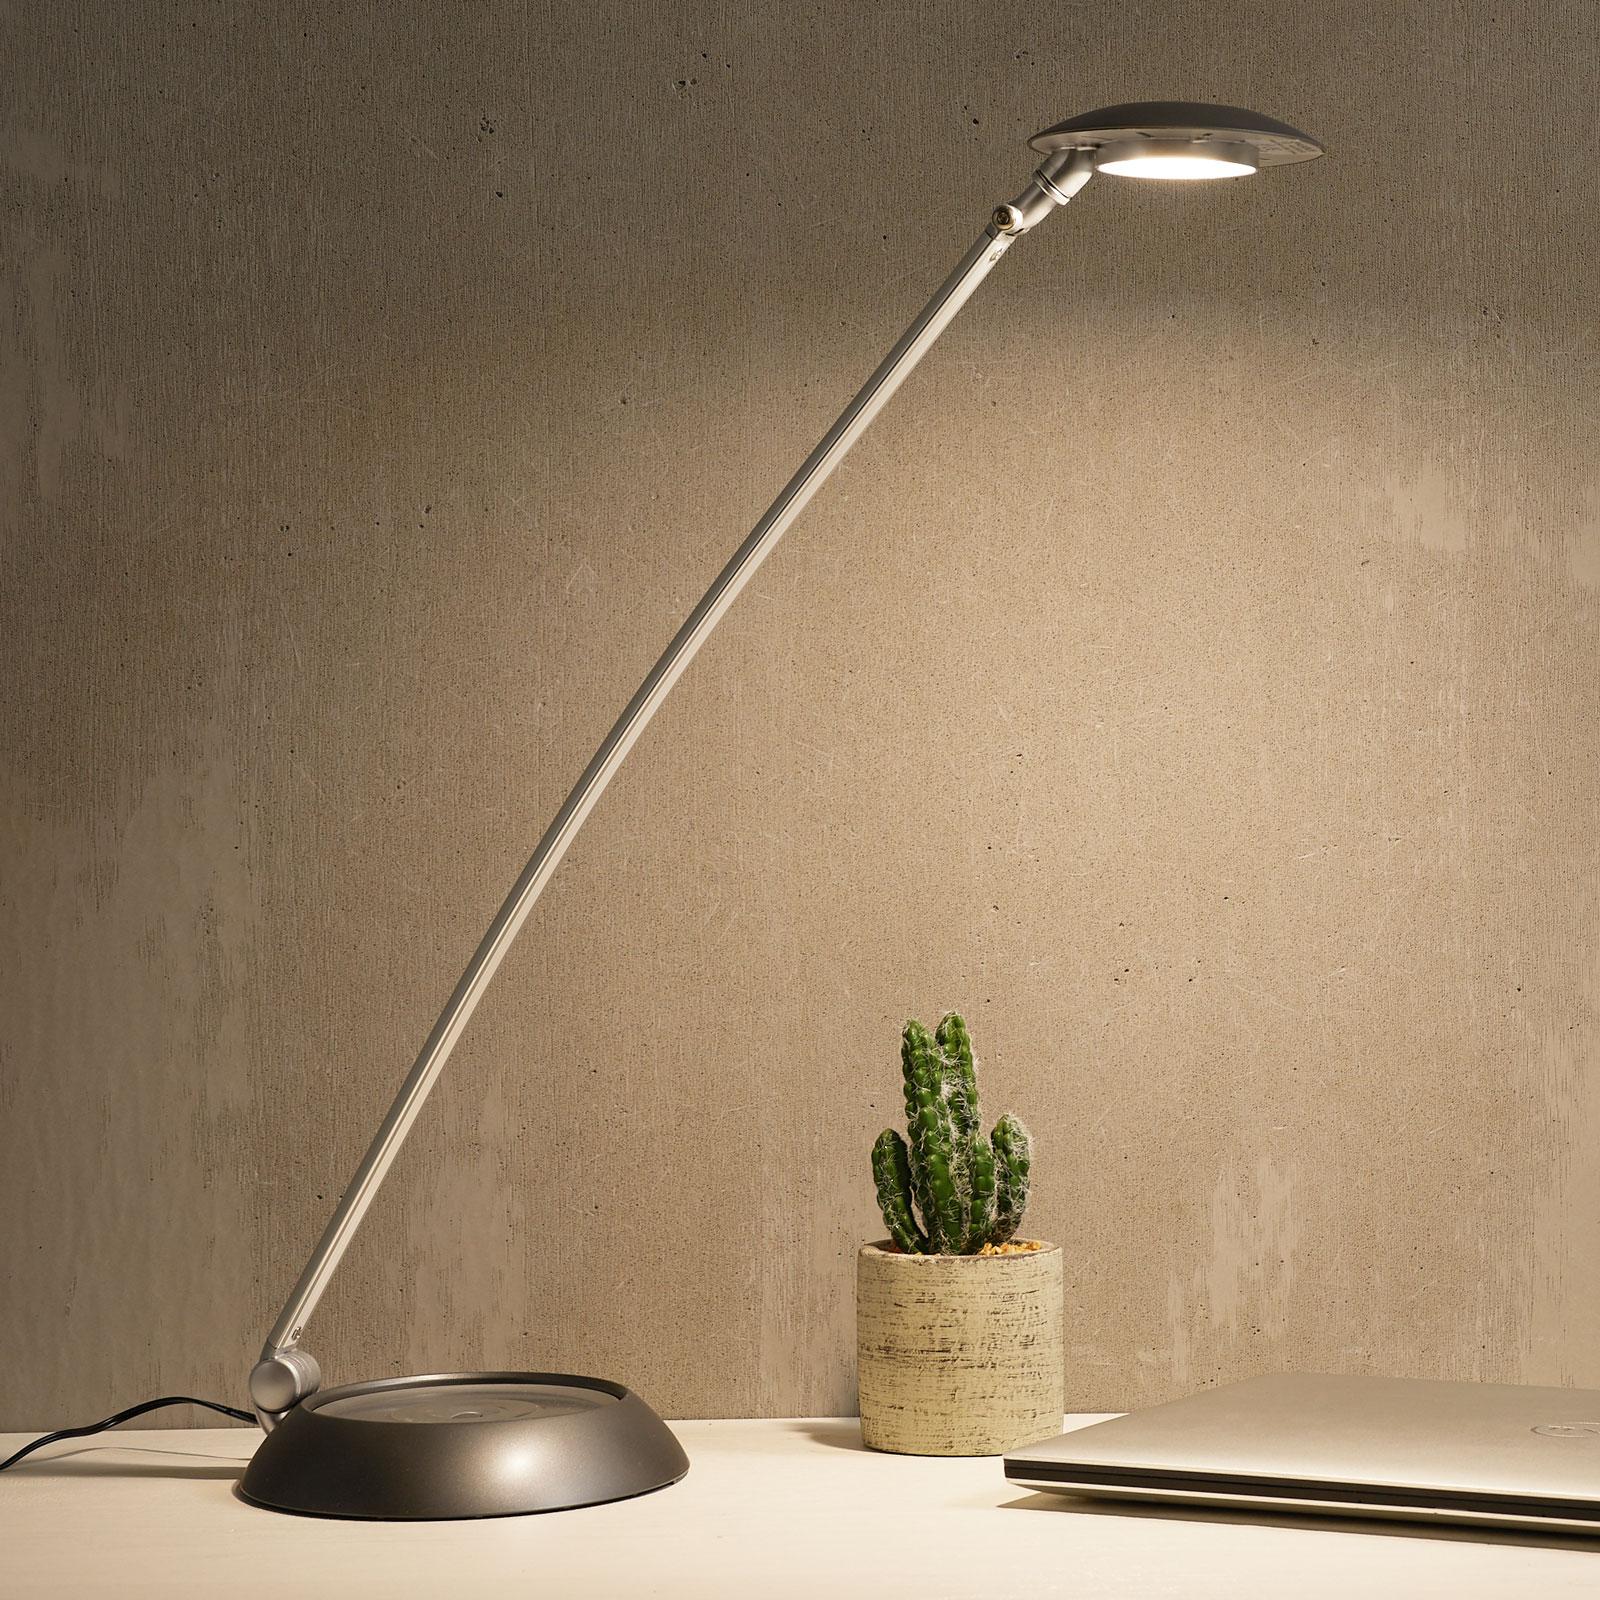 Zweifach verstellbar LED-Tischleuchte Forever, 8 W